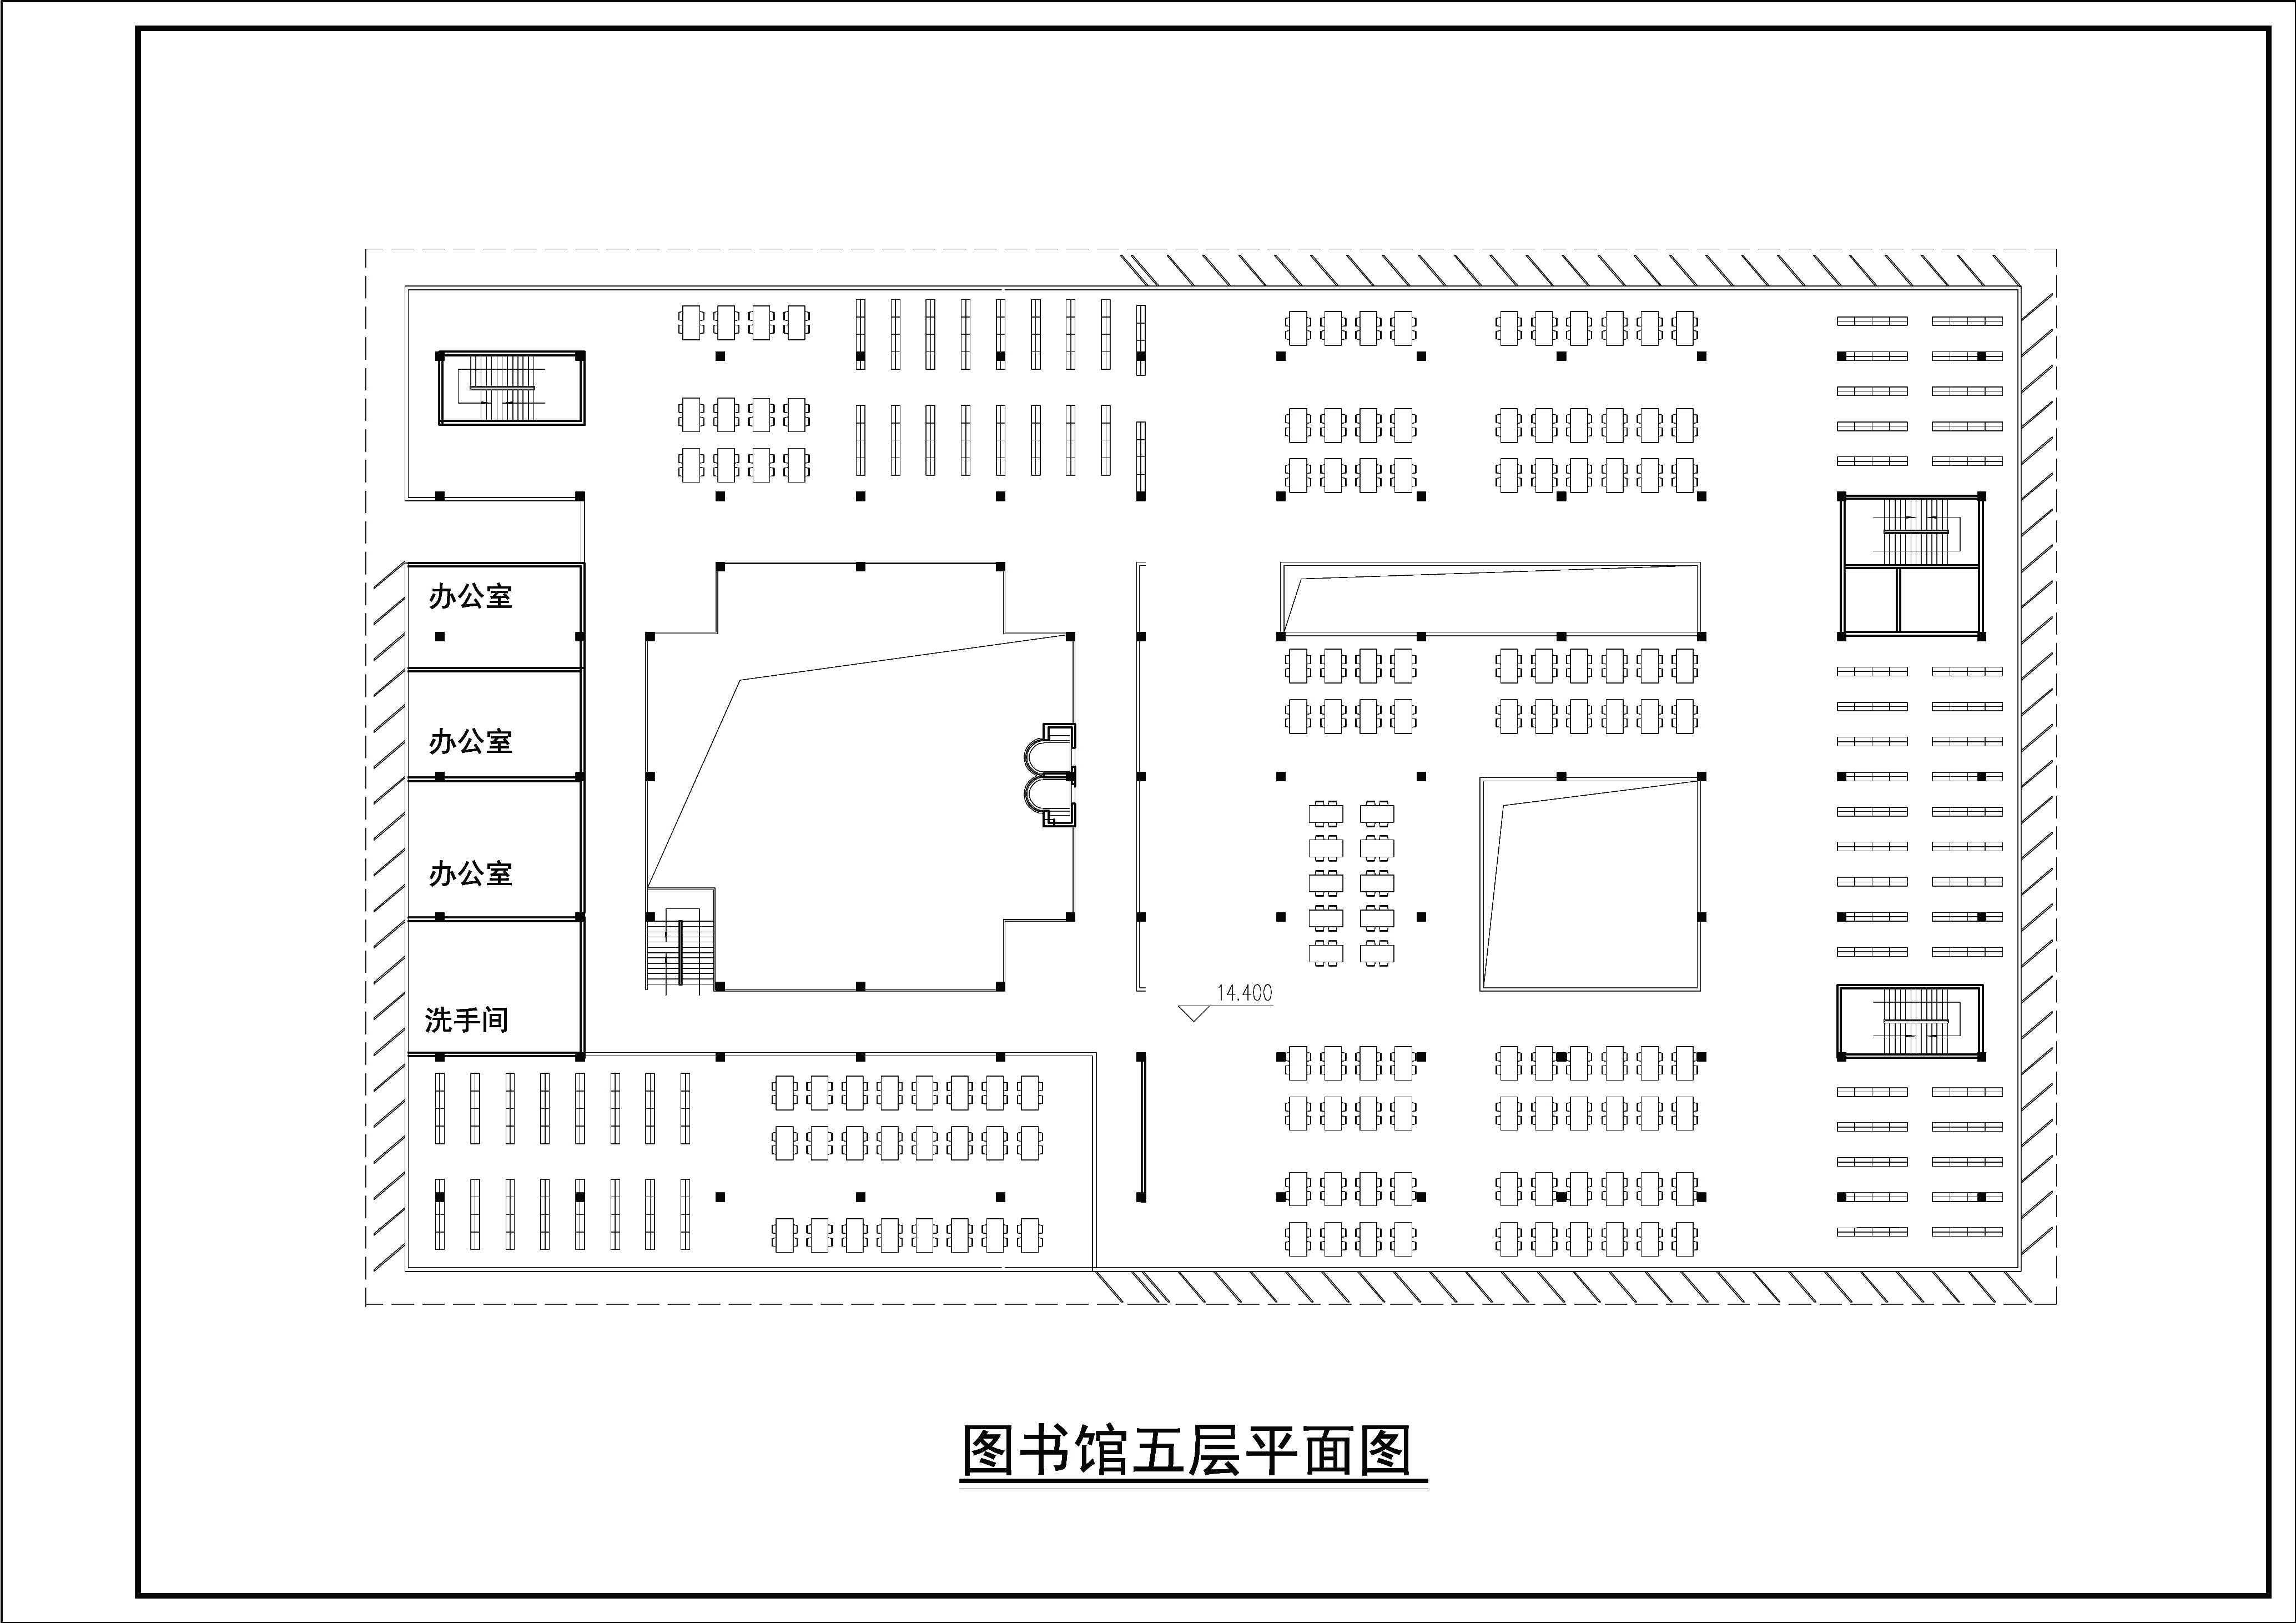 中学小型图书馆初步方案设计